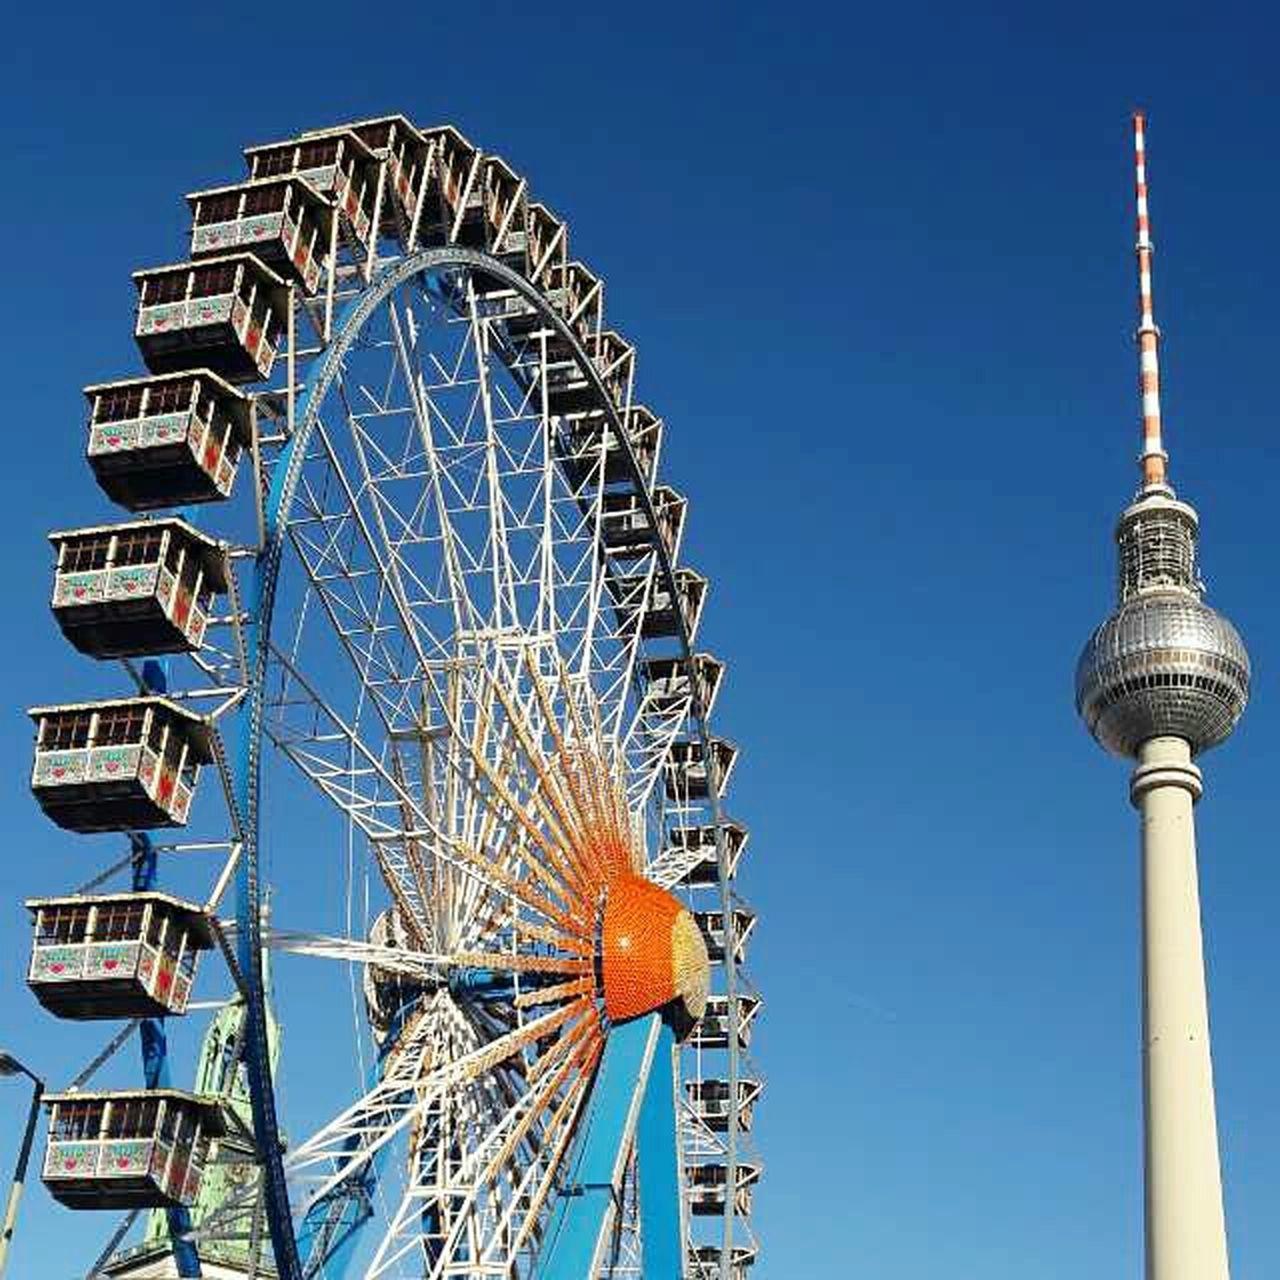 Berlin Funkturm Riesenrad Ferris Wheel